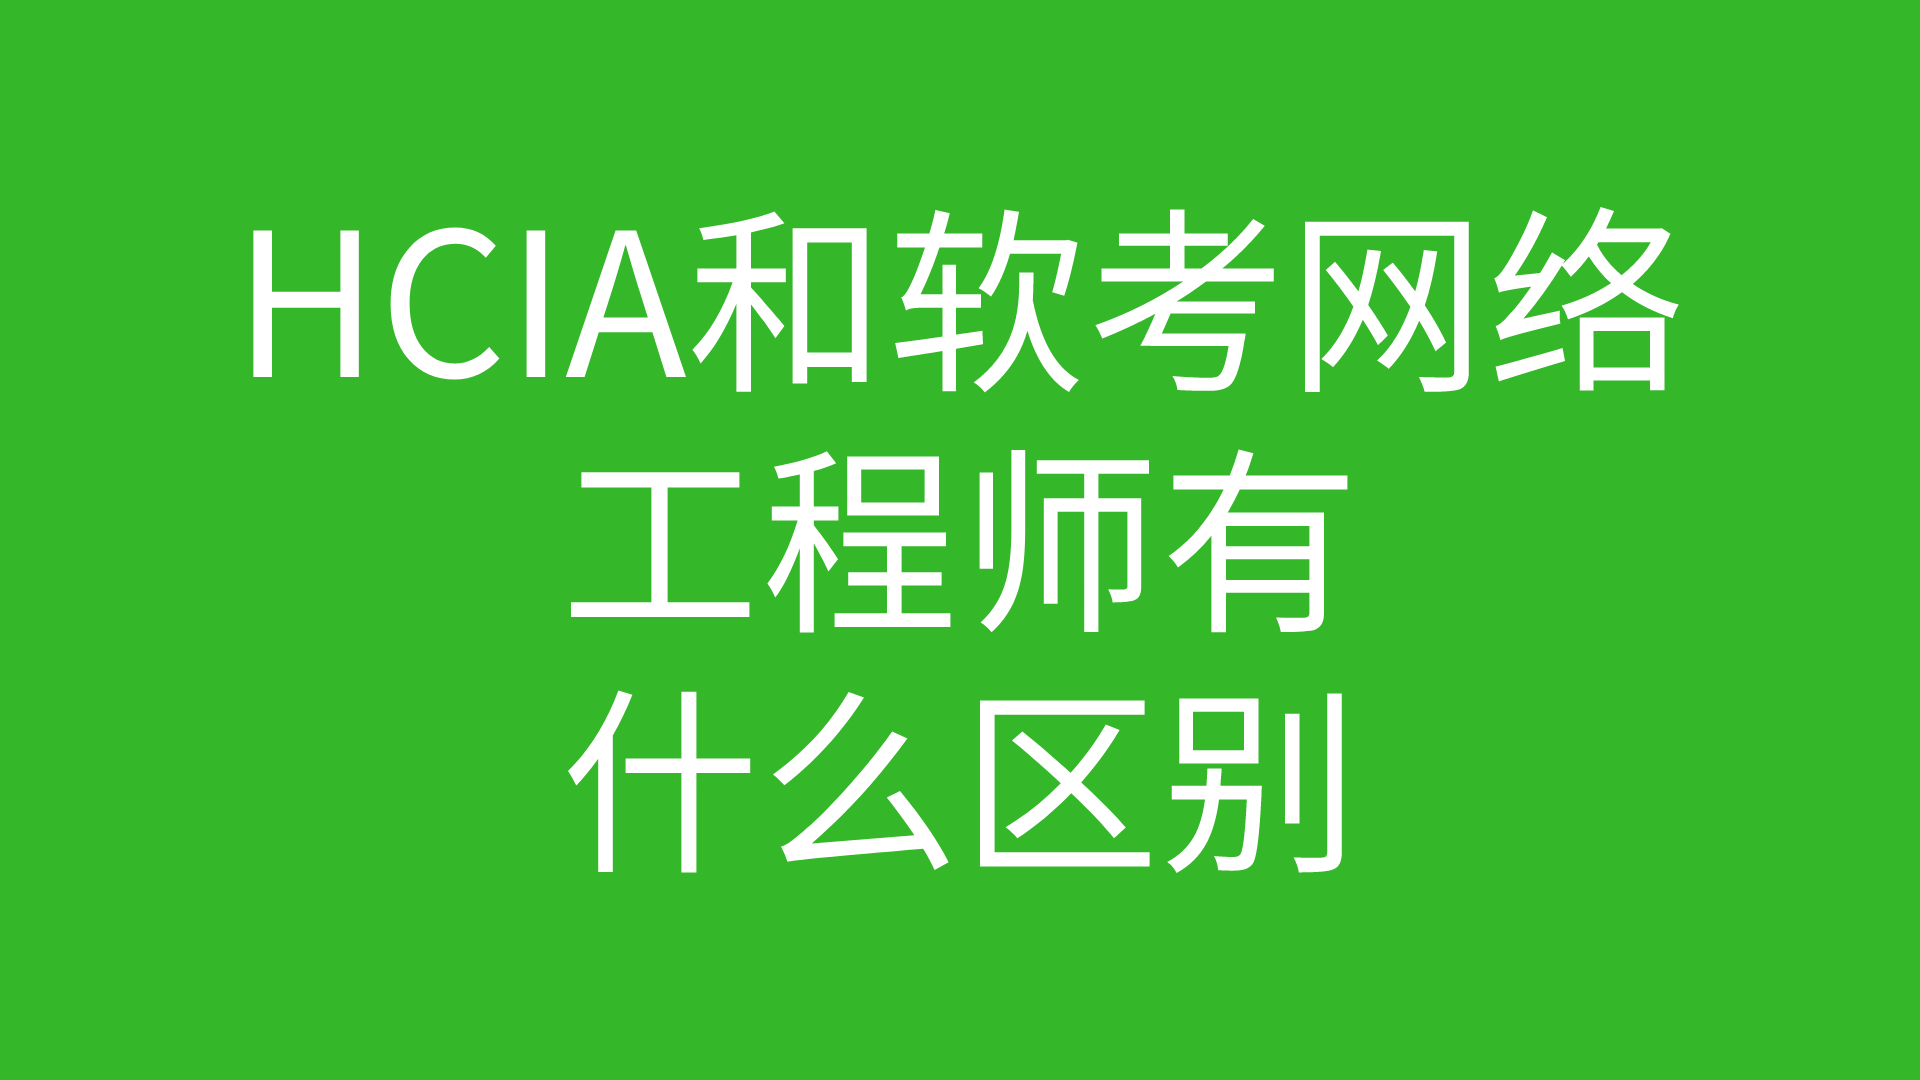 HCIA和软考网络工程师有什么区别